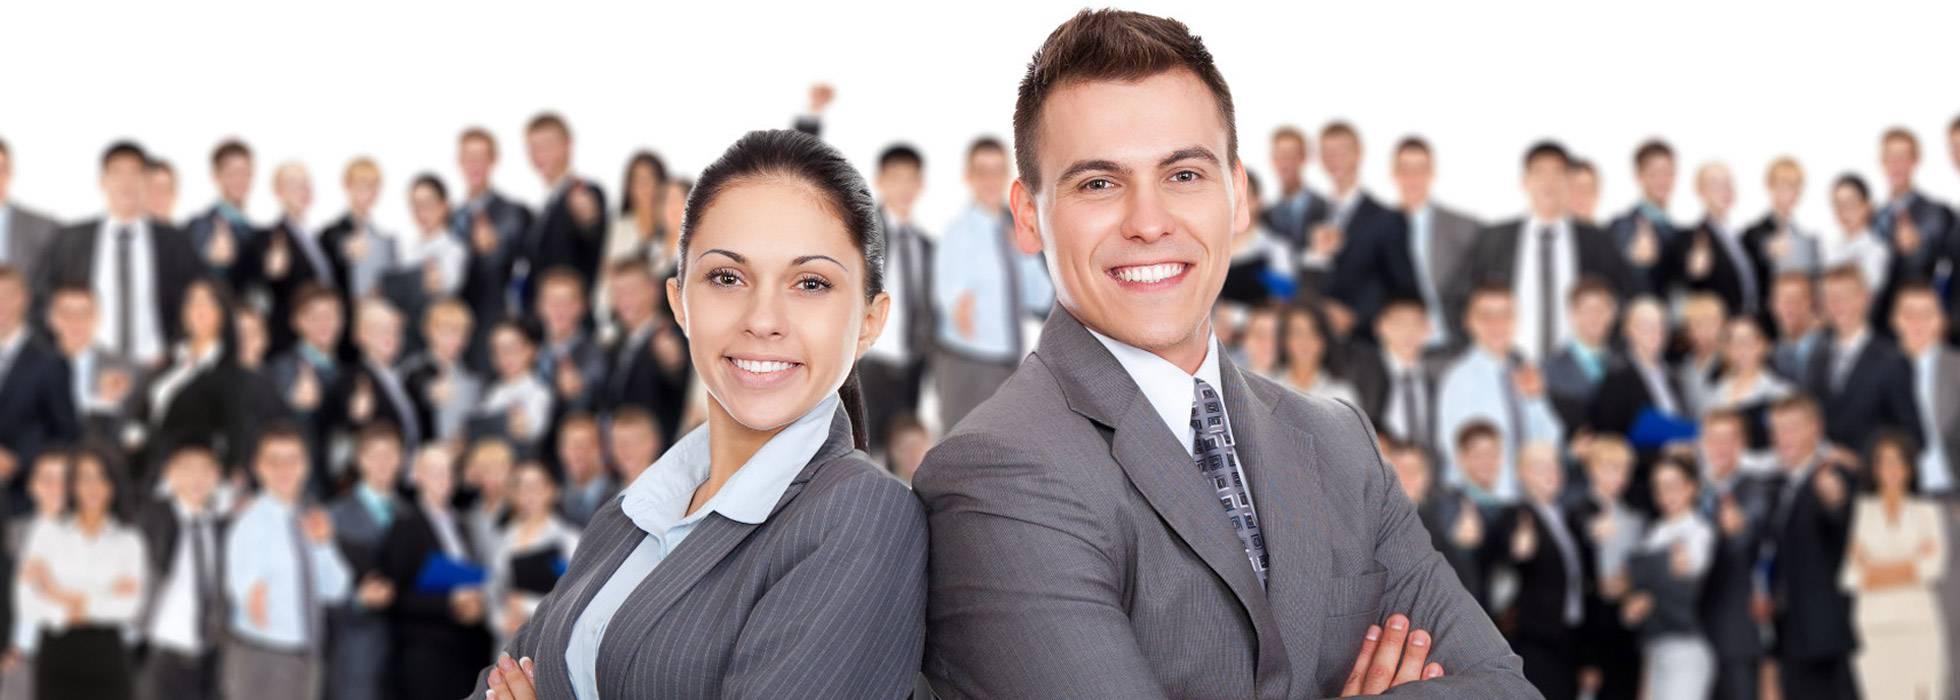 Camilo RH - Gestão de Pessoas e Negócios